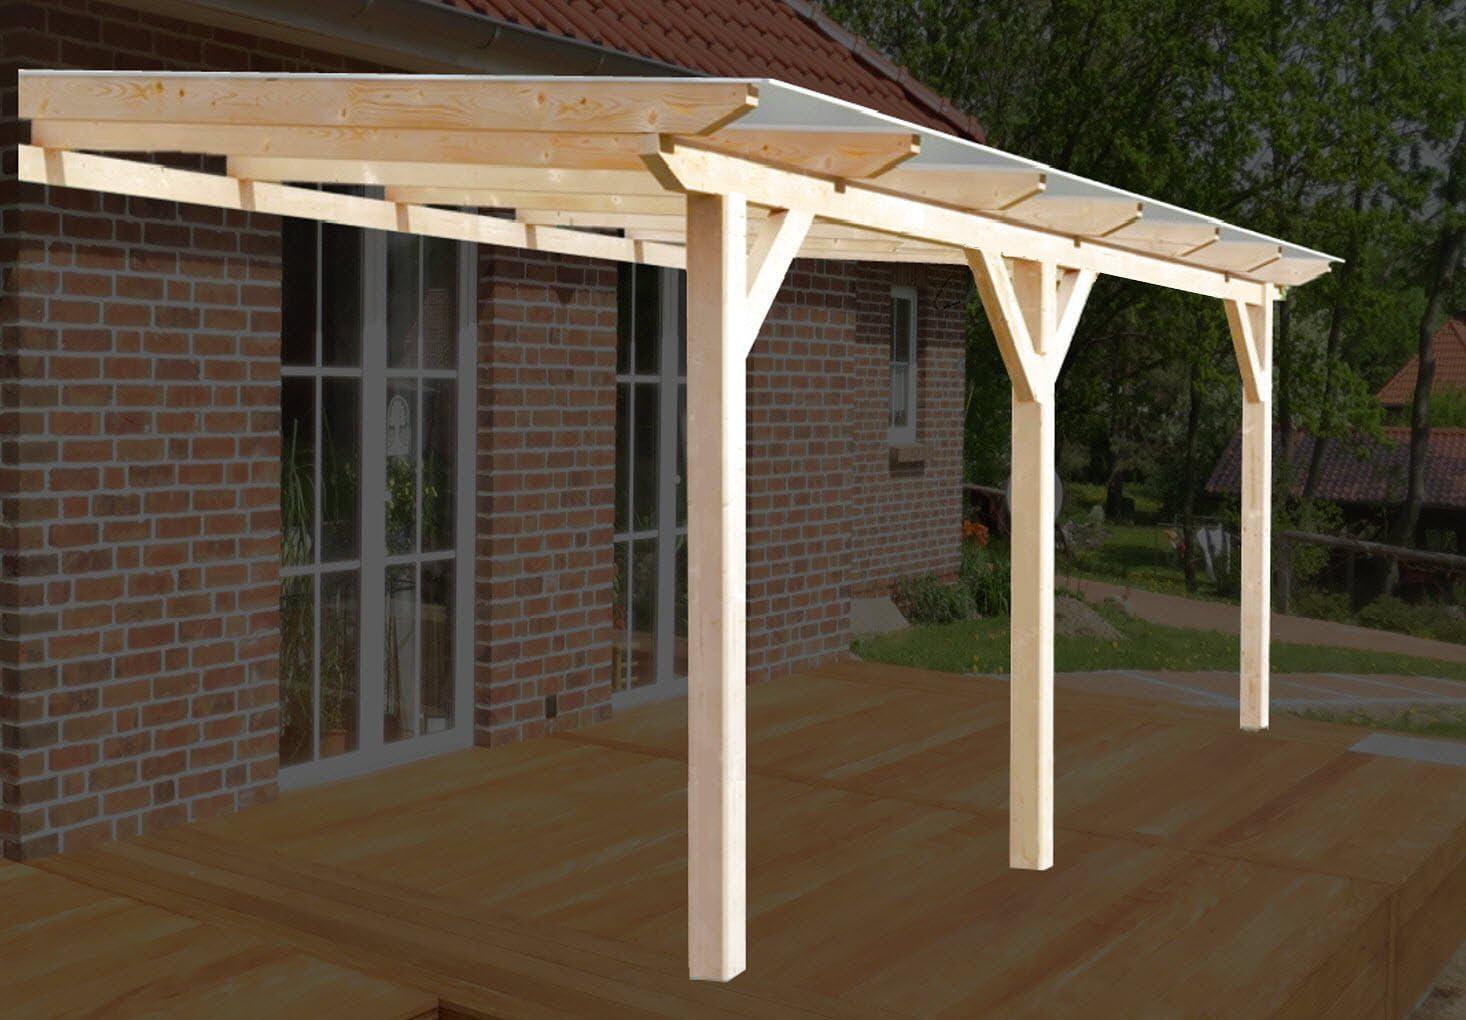 H.A.P Premium - Cubierta para terraza de madera encolada de 400 x 350 cm + planchas alveolares + accesorios – sin tratar / natural – cubierta para toldo de terraza de madera,